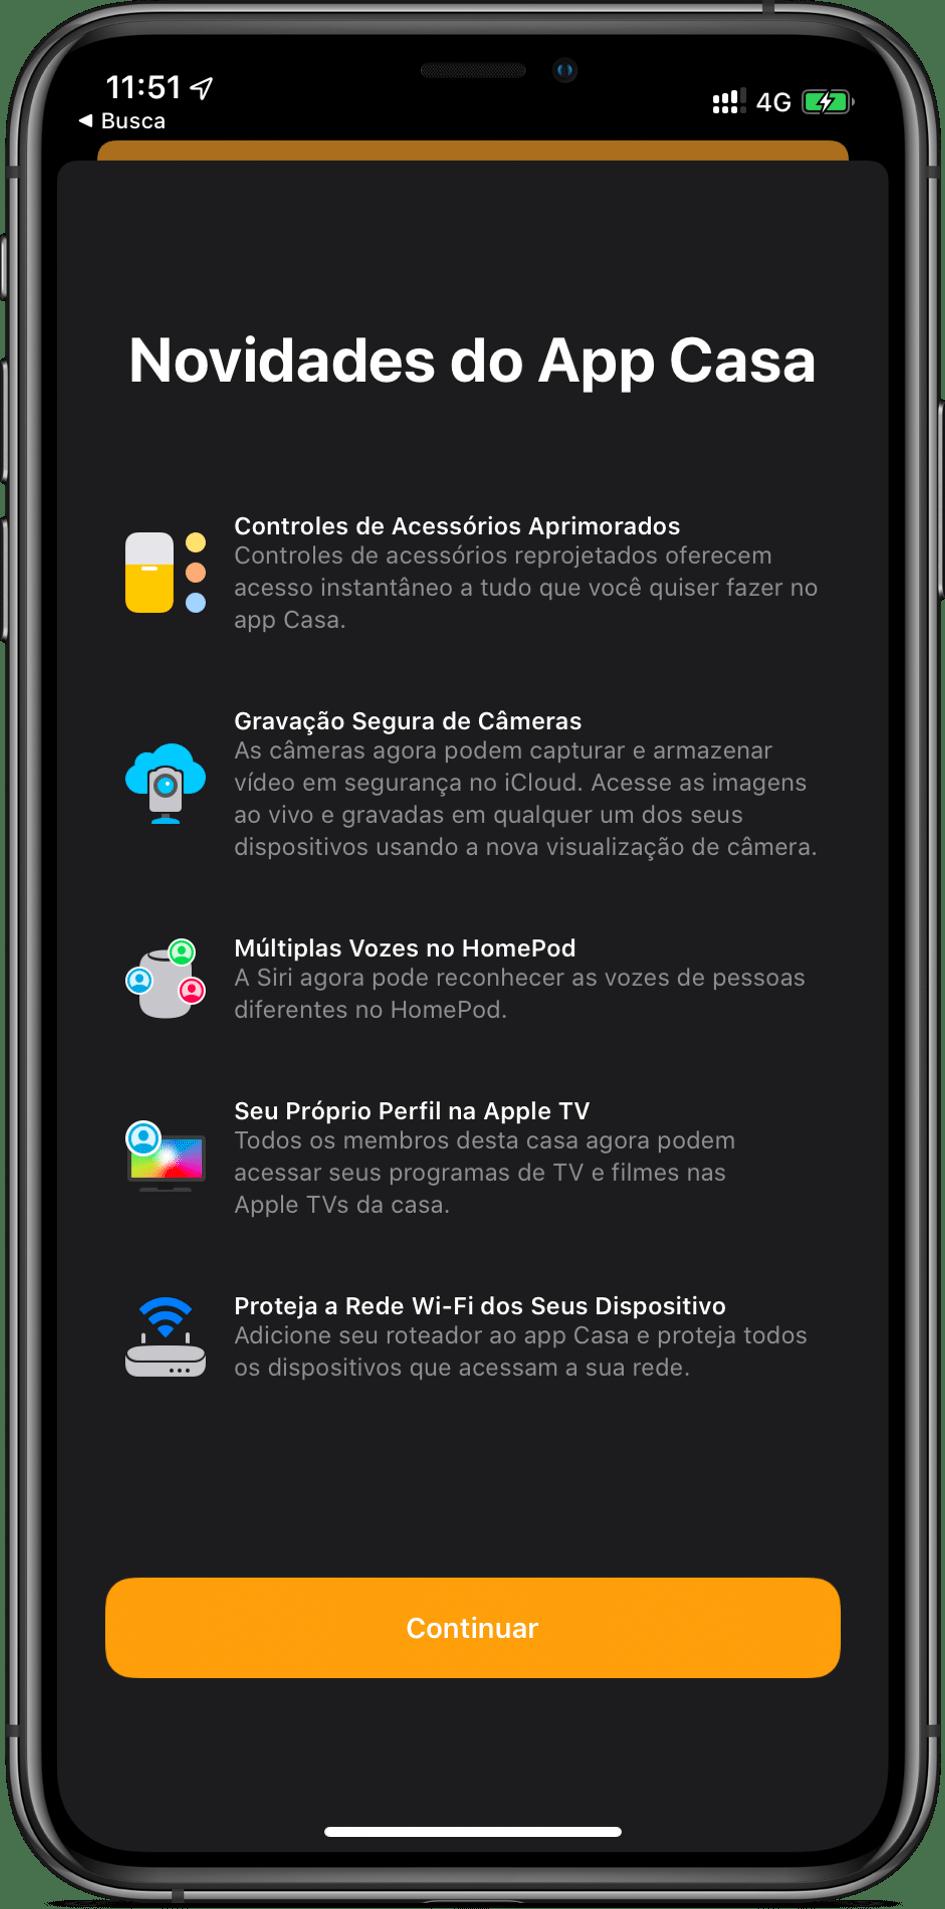 App Casa no iOS 13